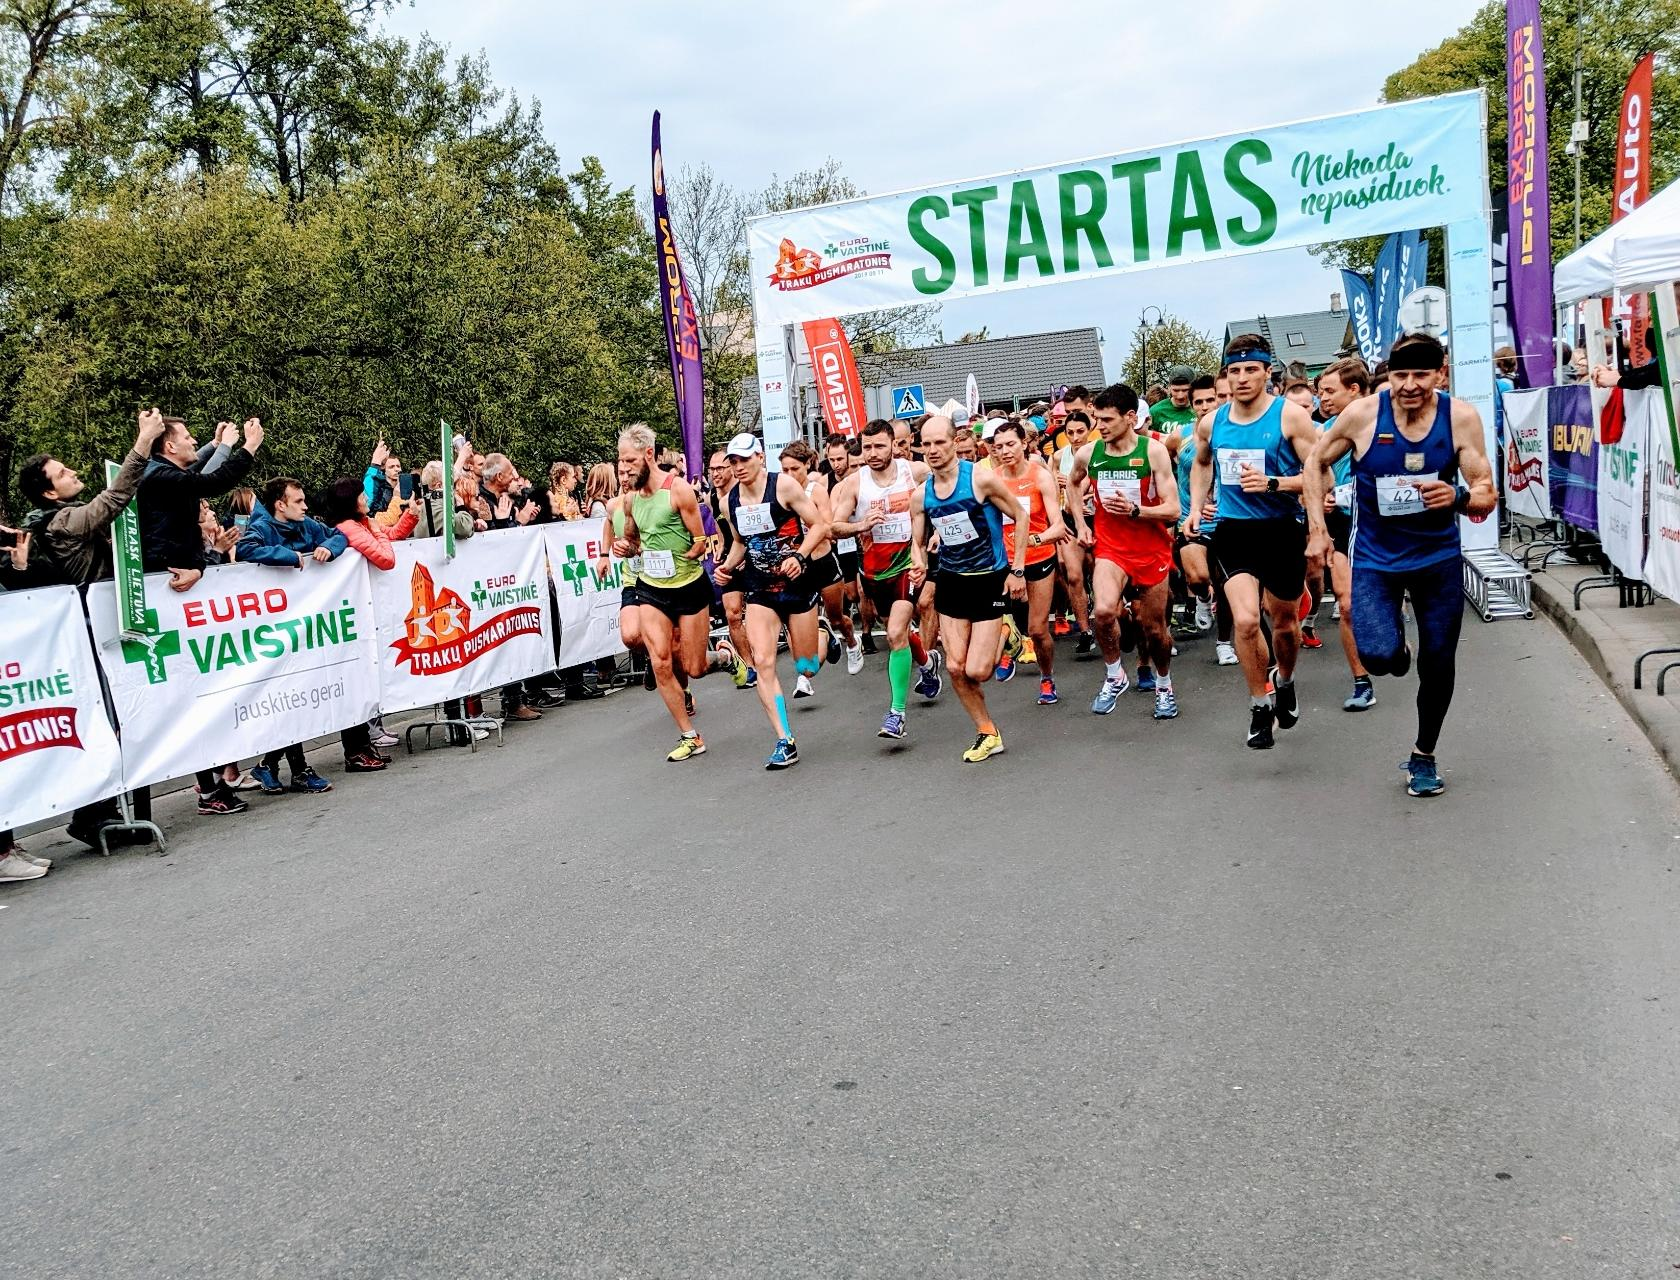 Maraton i hipertenzija, kako se nositi s hipertenzijom